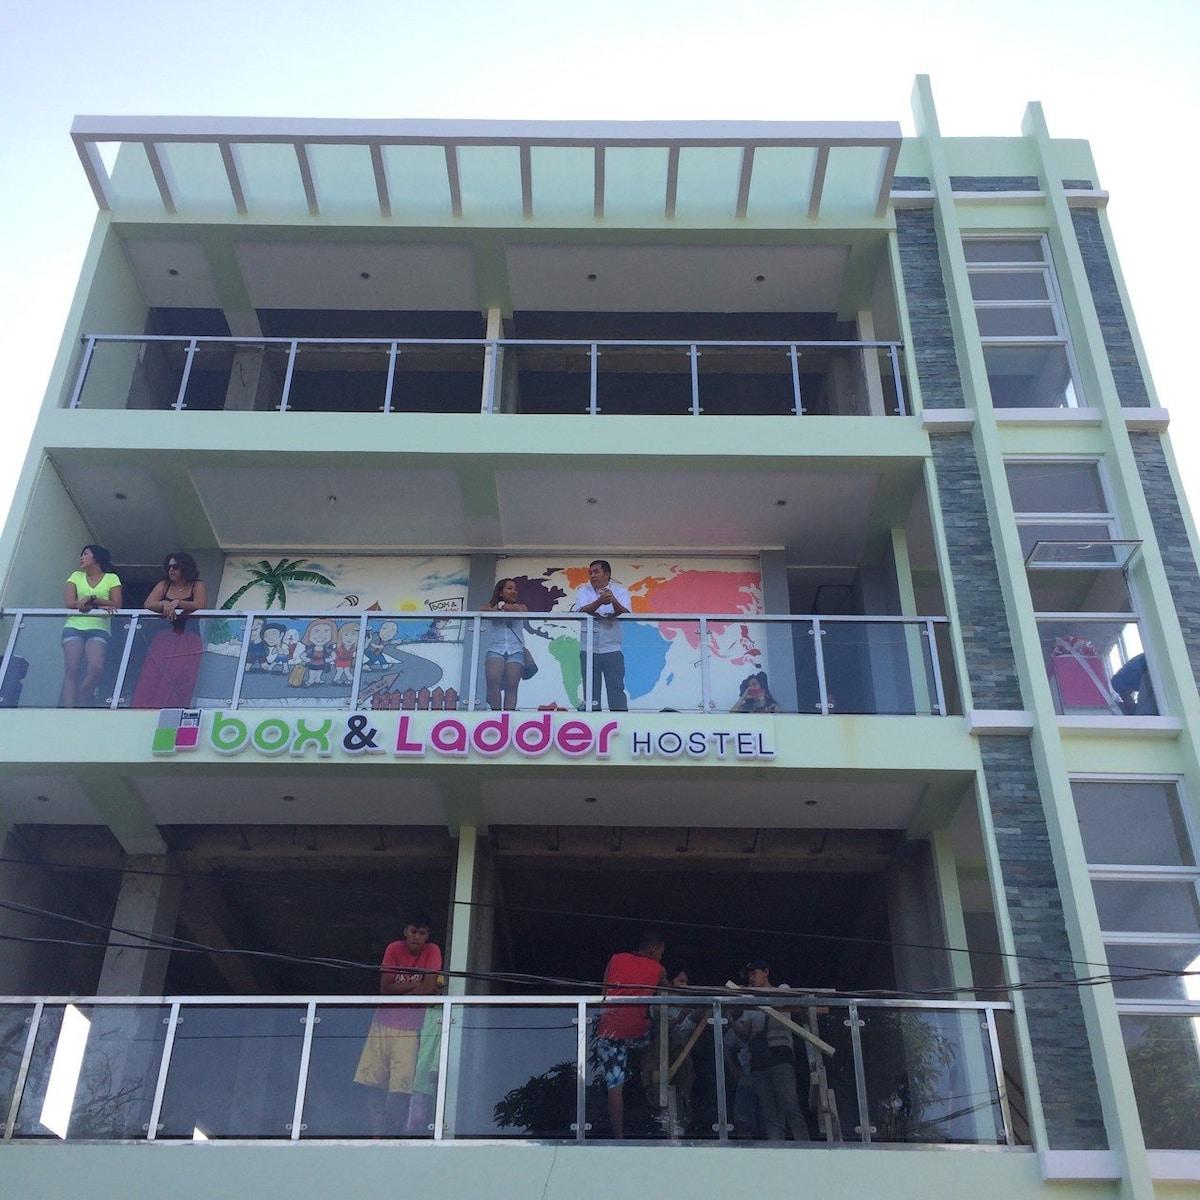 Backpackers Hostel in Boracay